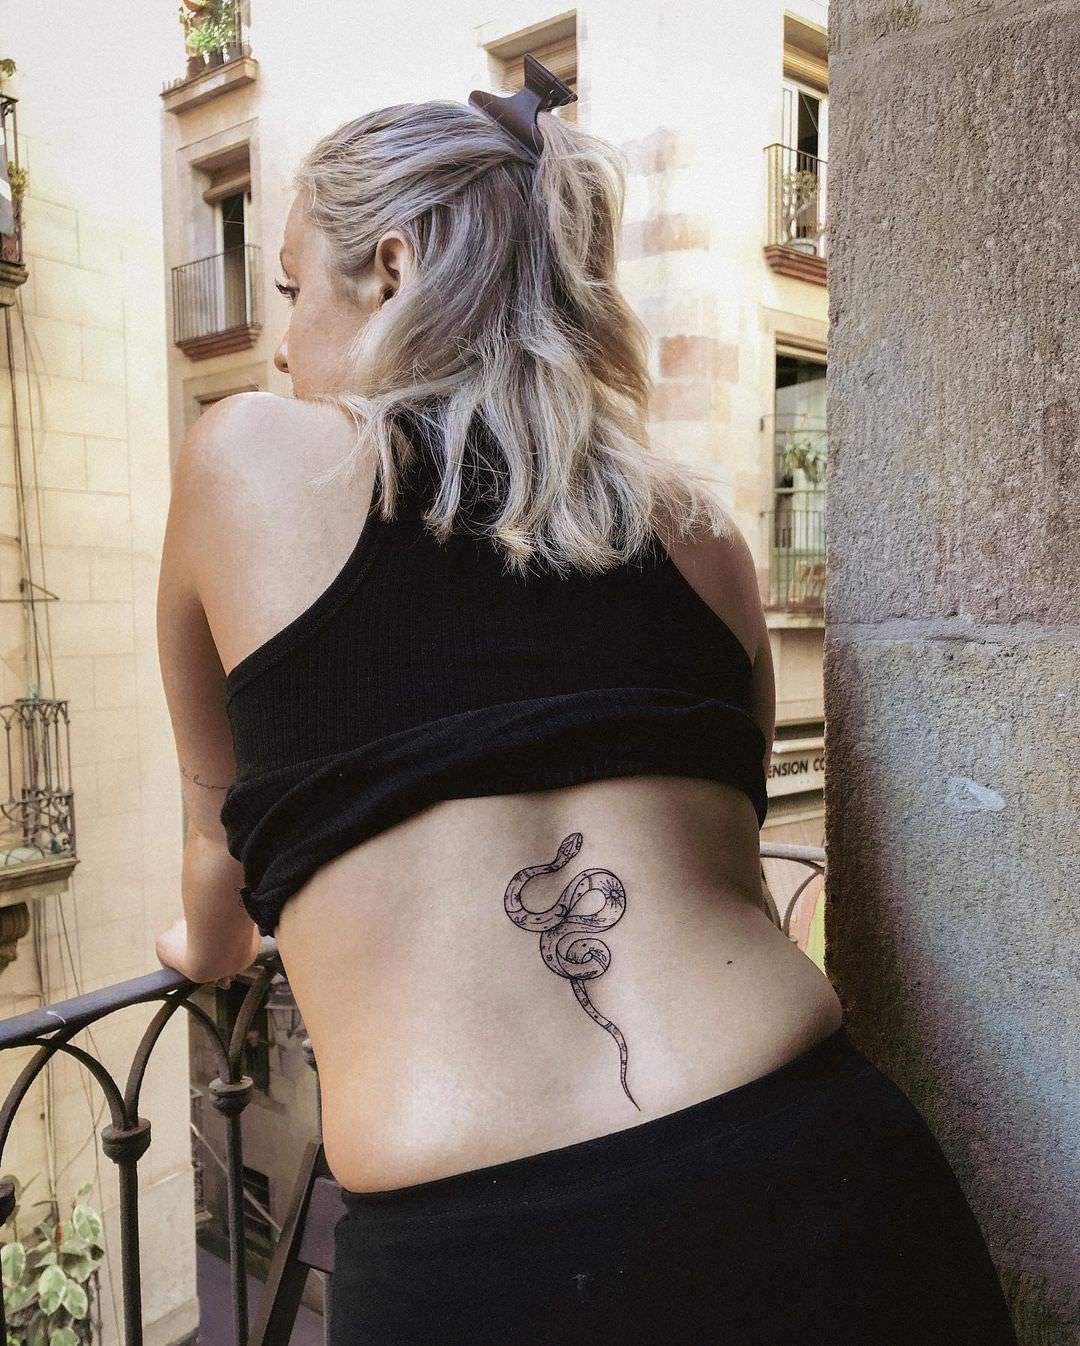 naynay.tattoo_220137191_938831940017210_5886616257160340383_n